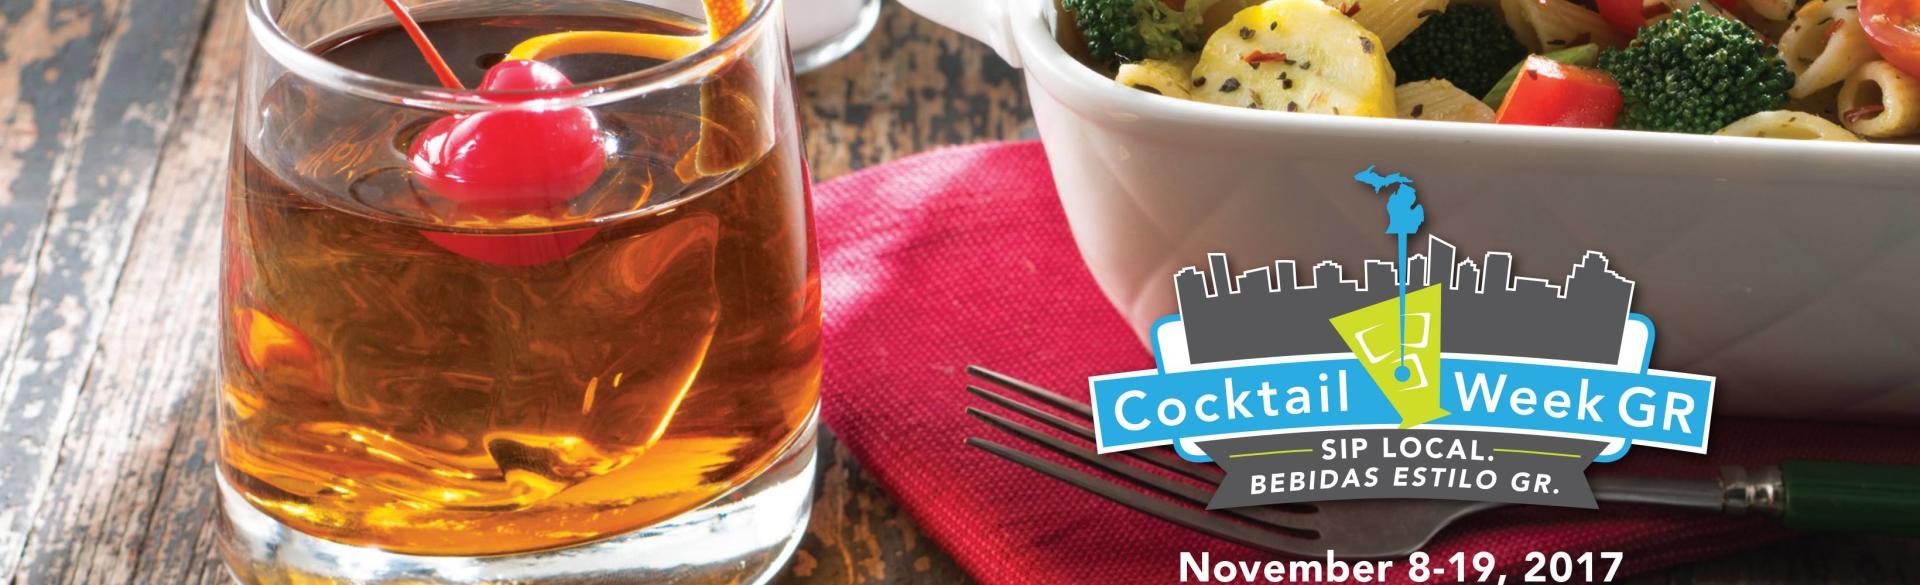 Cocktail Week Grand Rapids - Nov 8-19